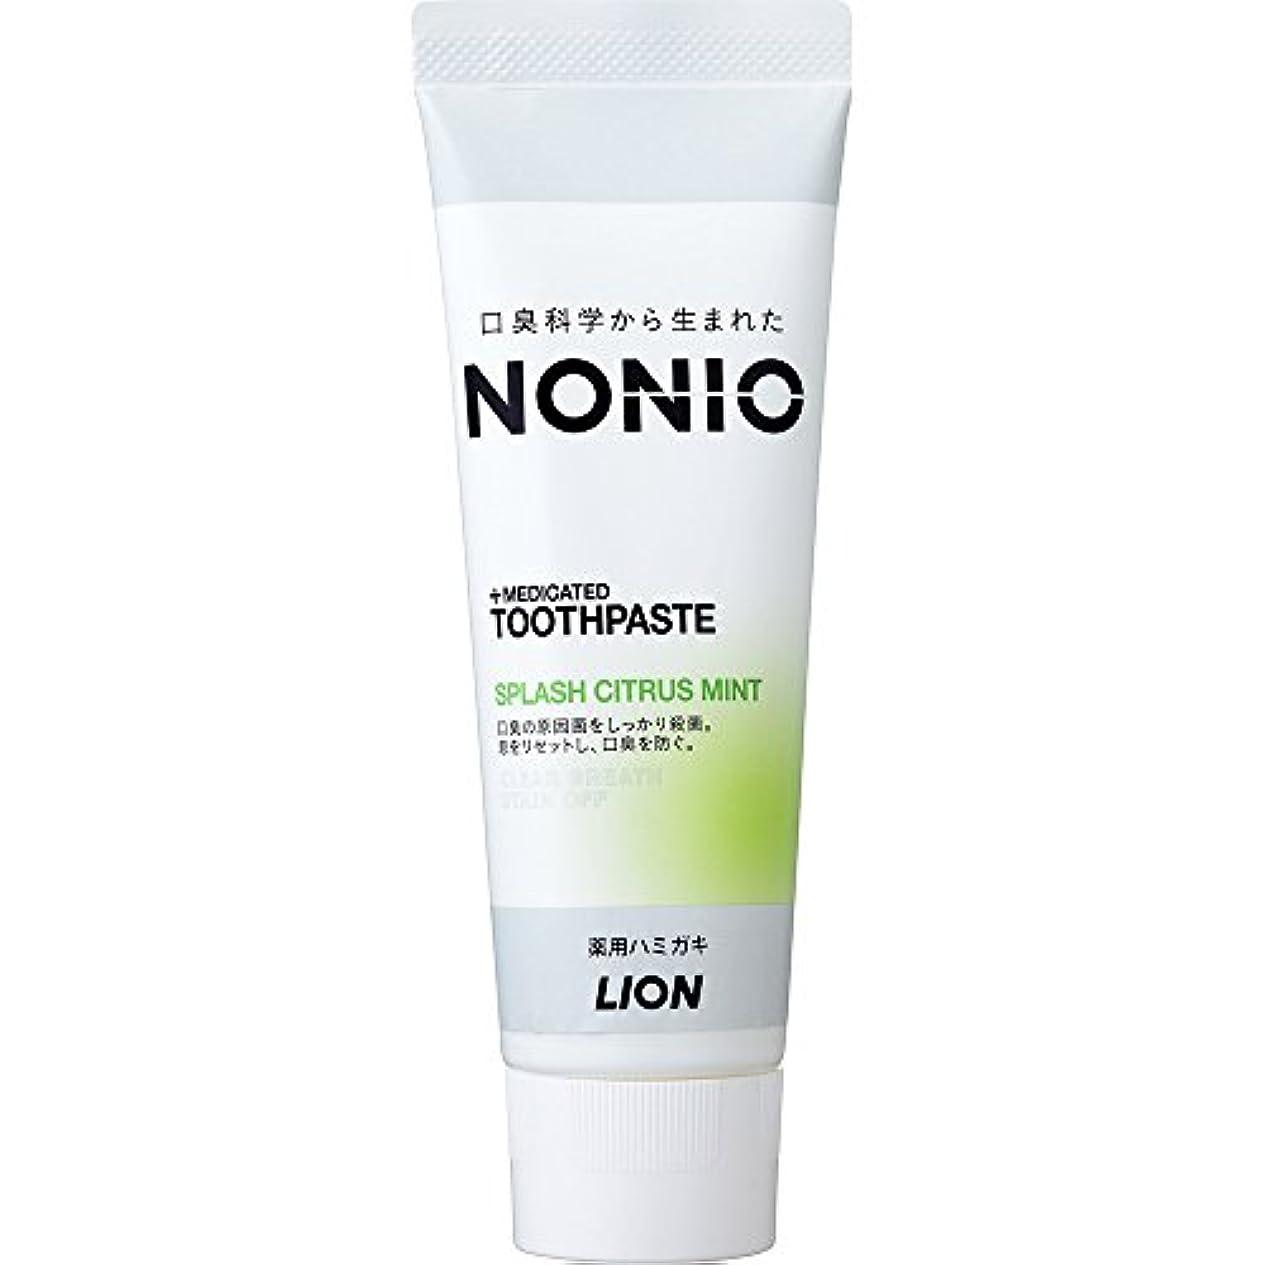 平らにする締め切り膜NONIO ハミガキ スプラッシュシトラスミント 130g (医薬部外品)